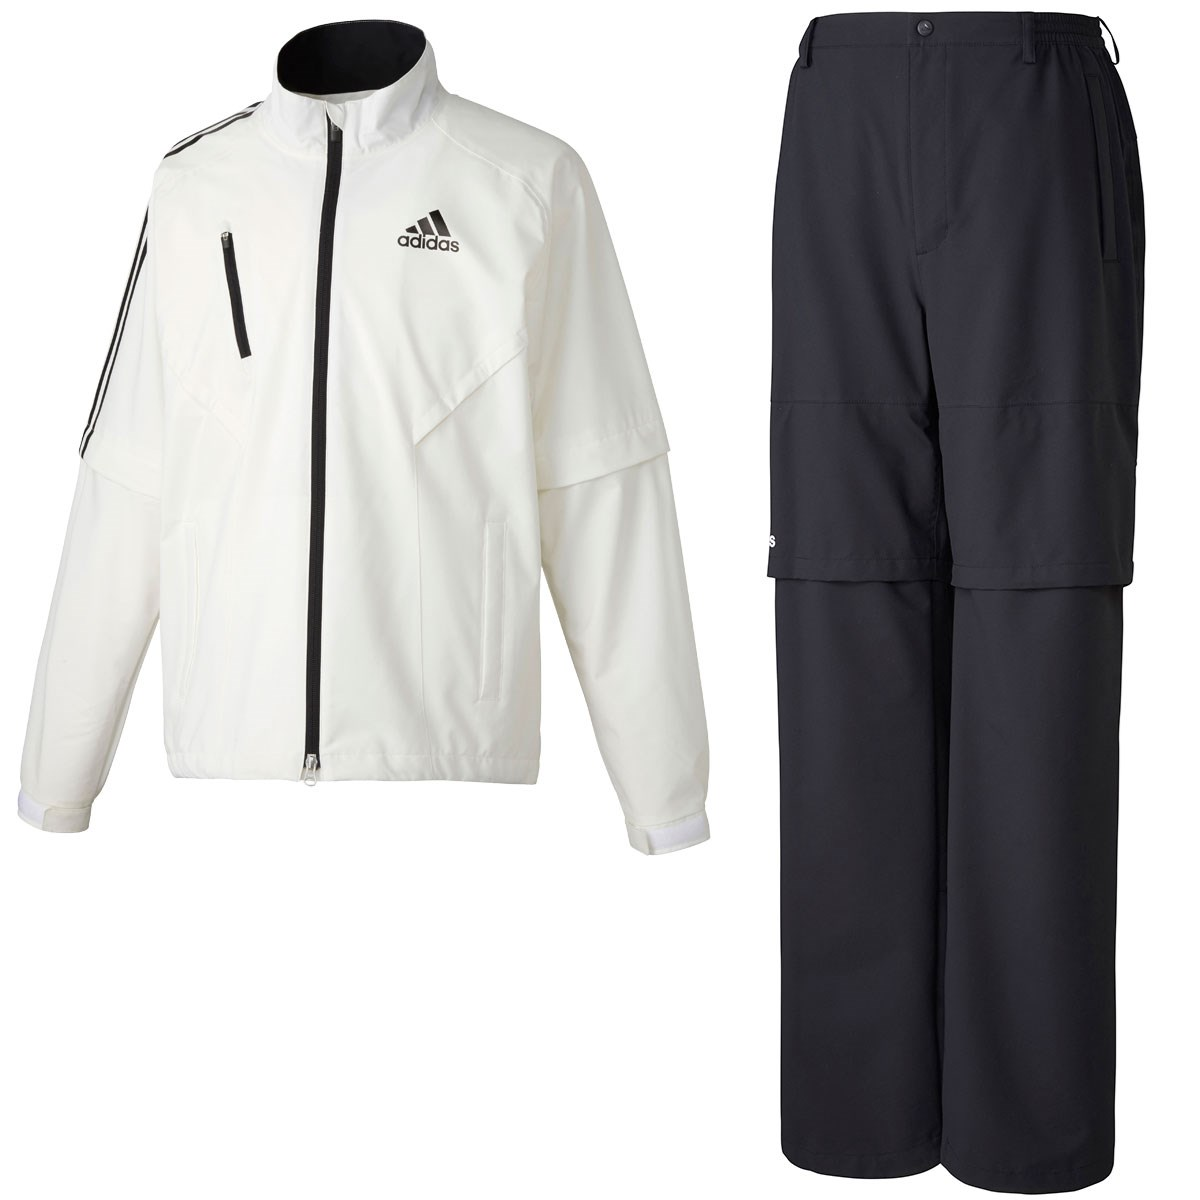 アディダス Adidas CLIMAPROOF ストレッチレインウェア上下セット O ホワイト/ブラック N67731